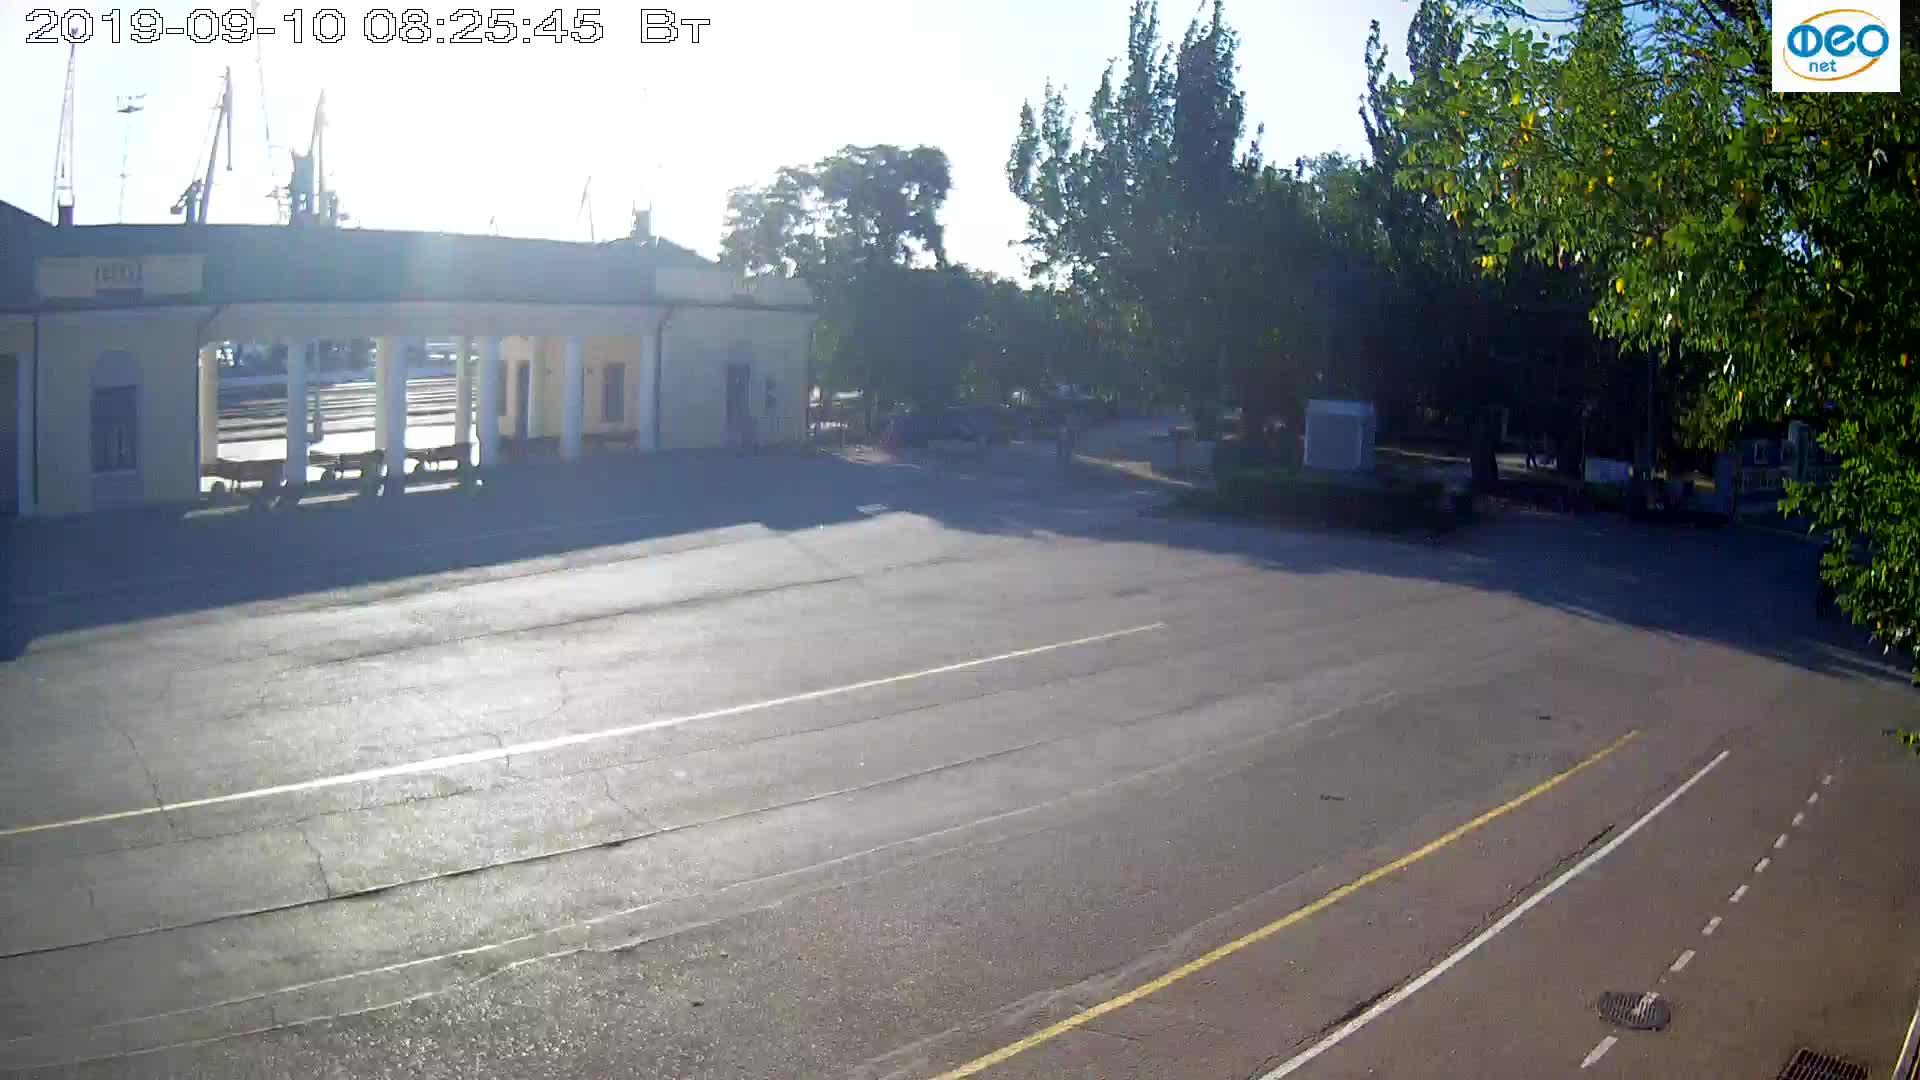 Веб-камеры Феодосии, Привокзальная площадь 2, 2019-09-10 08:13:09